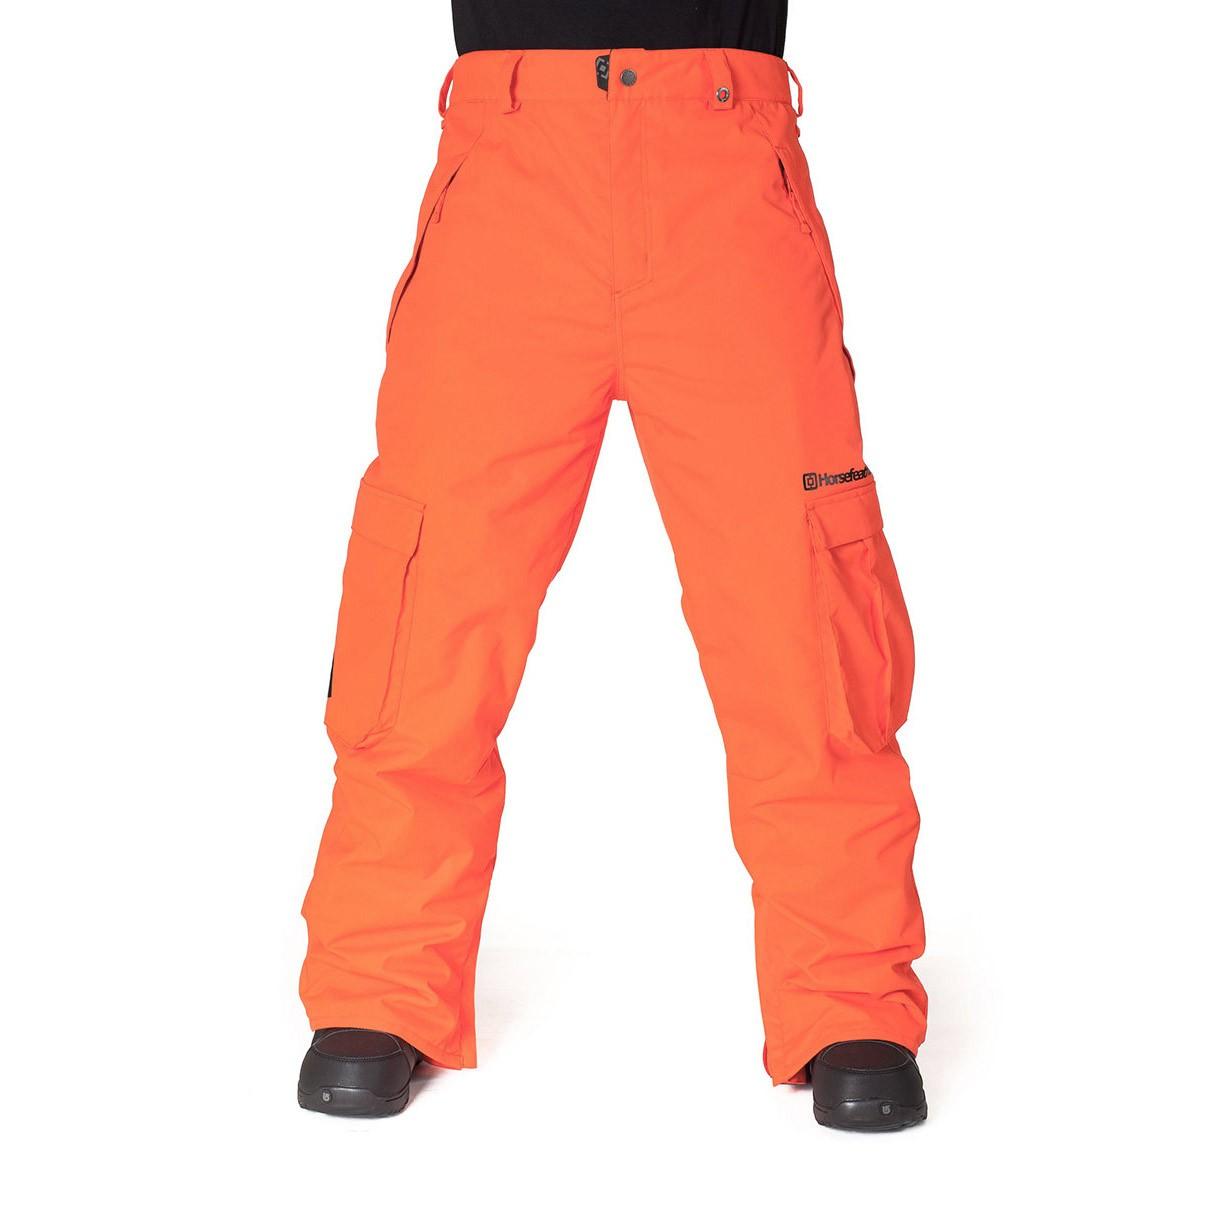 Kalhoty Horsefeathers Josh orange vel.XL 15/16 + doručení do 24 hodin